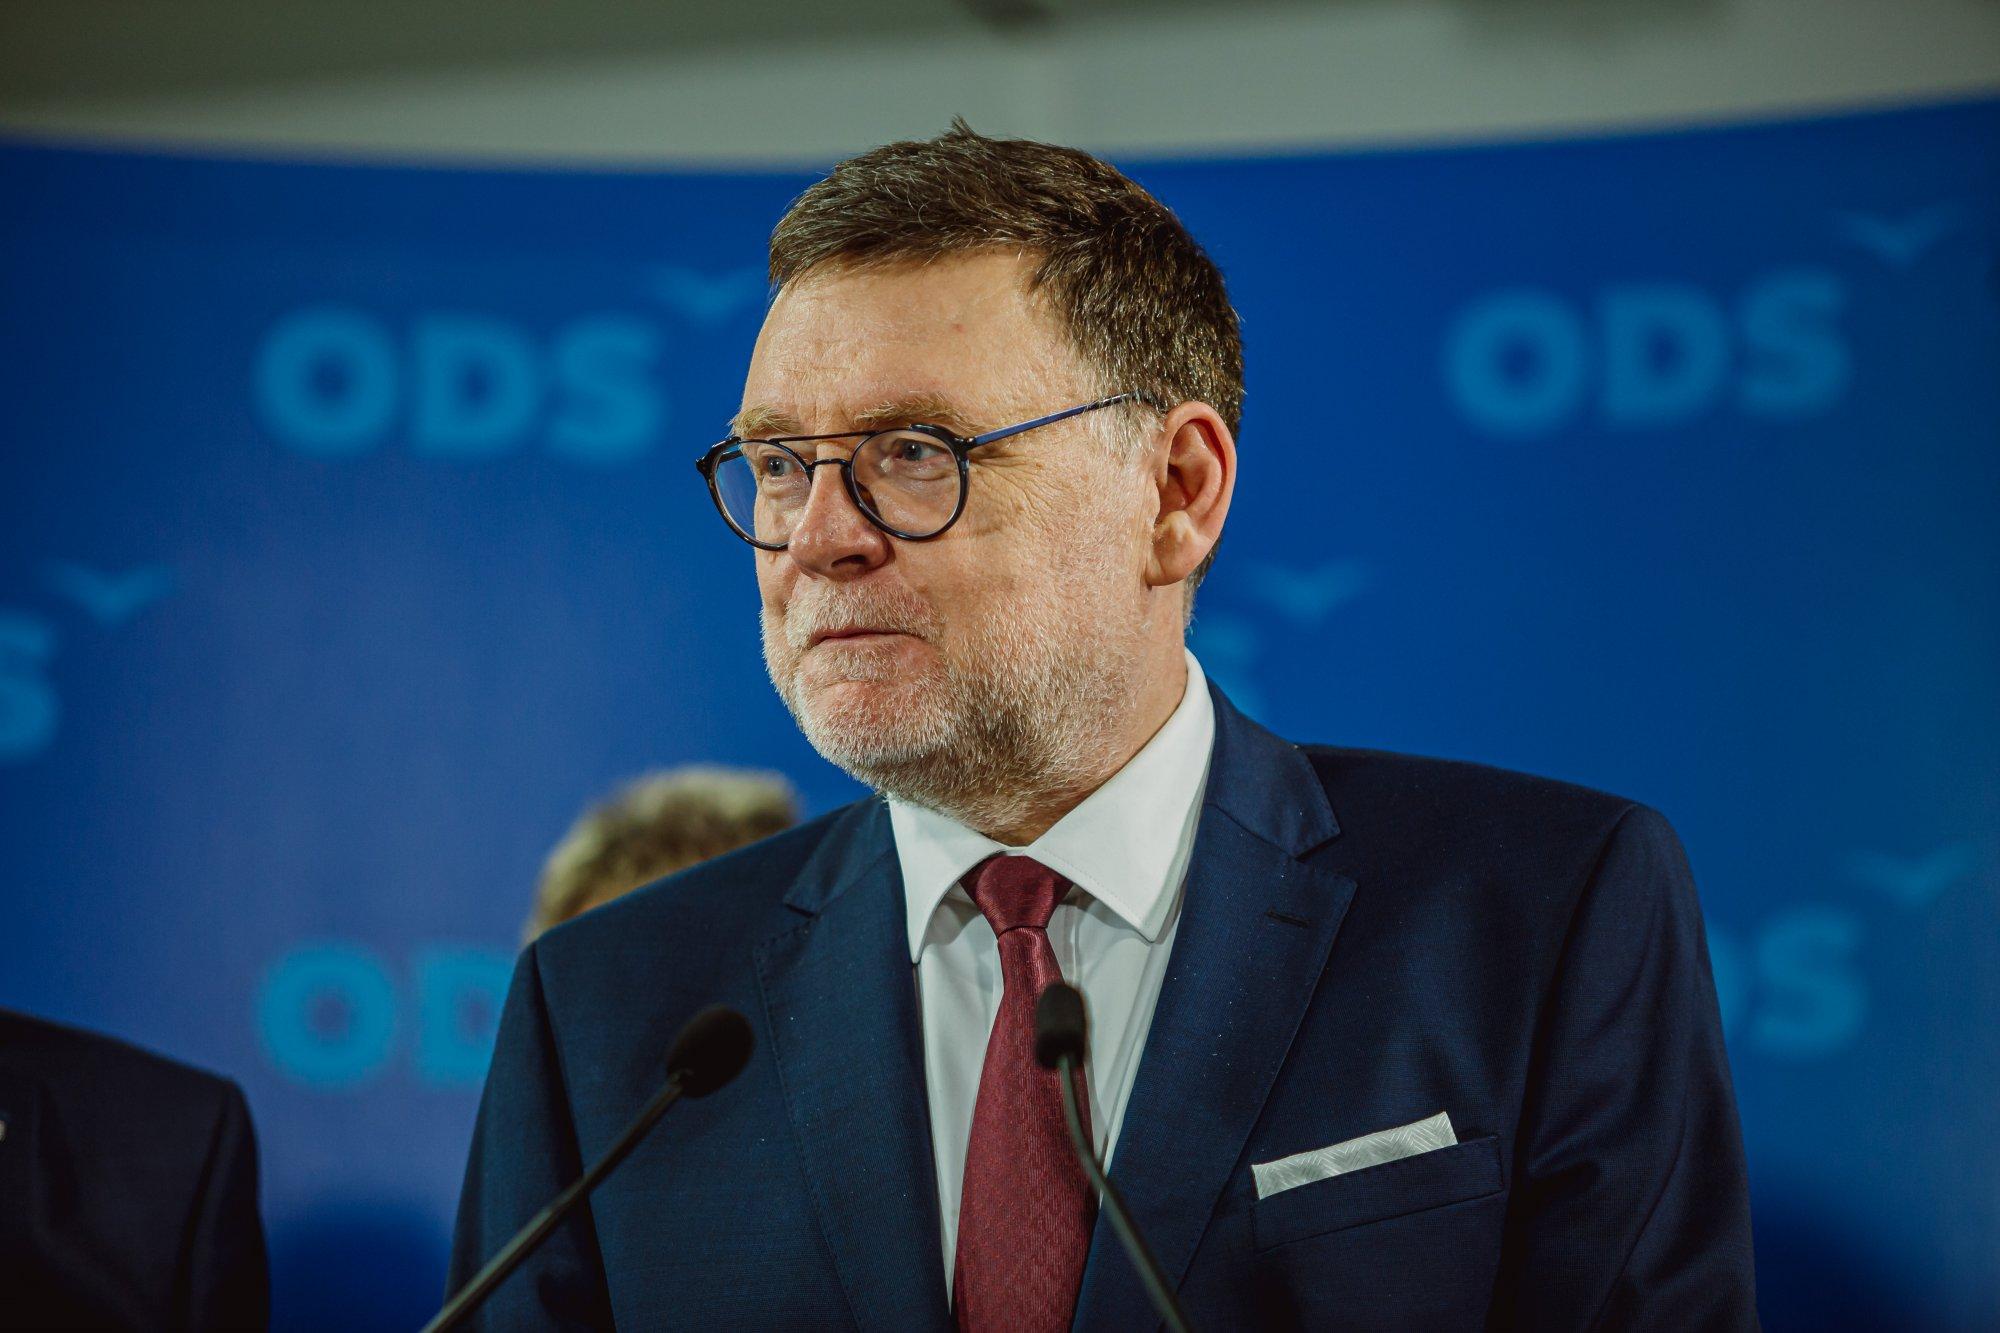 ODS: Rozhodnutí vlády o stavbě části kanálu Dunaj-Odra-Labe je příkladem nesmyslného utrácení peněz občanů